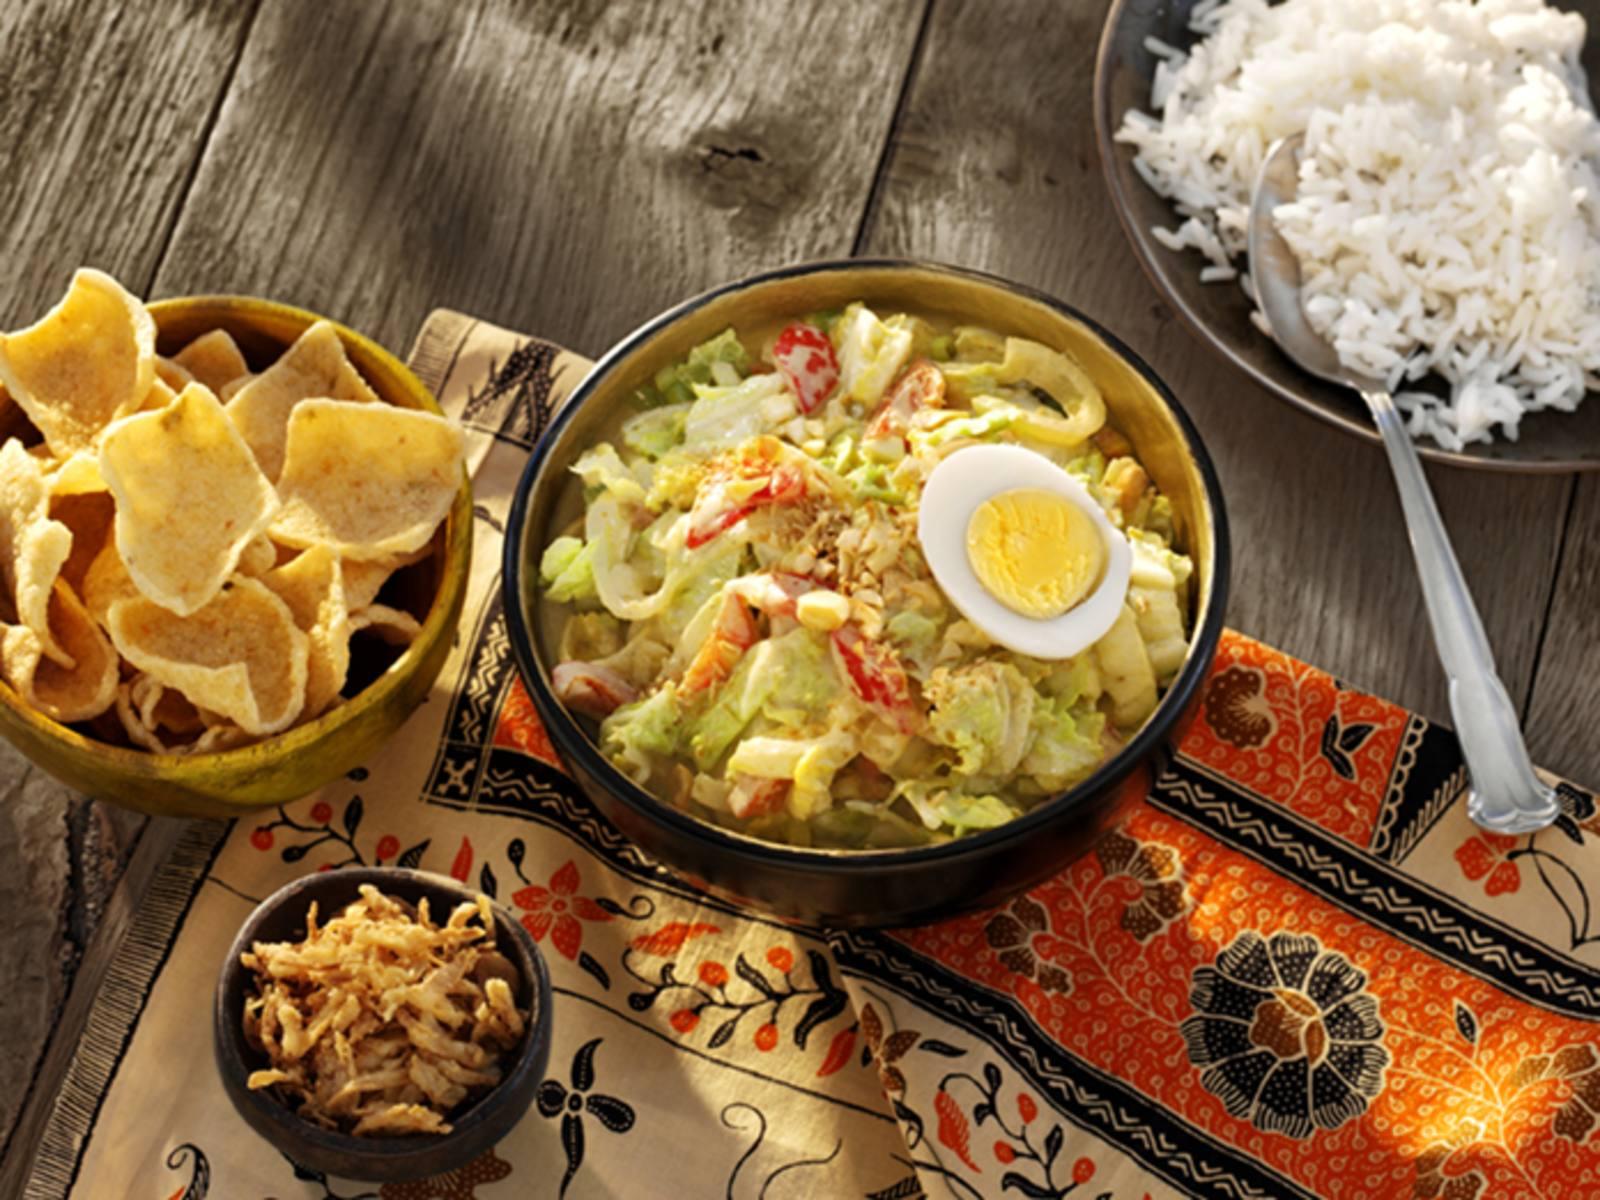 Indonesische Groente Curry met Chinese kool, ei en seroendeng